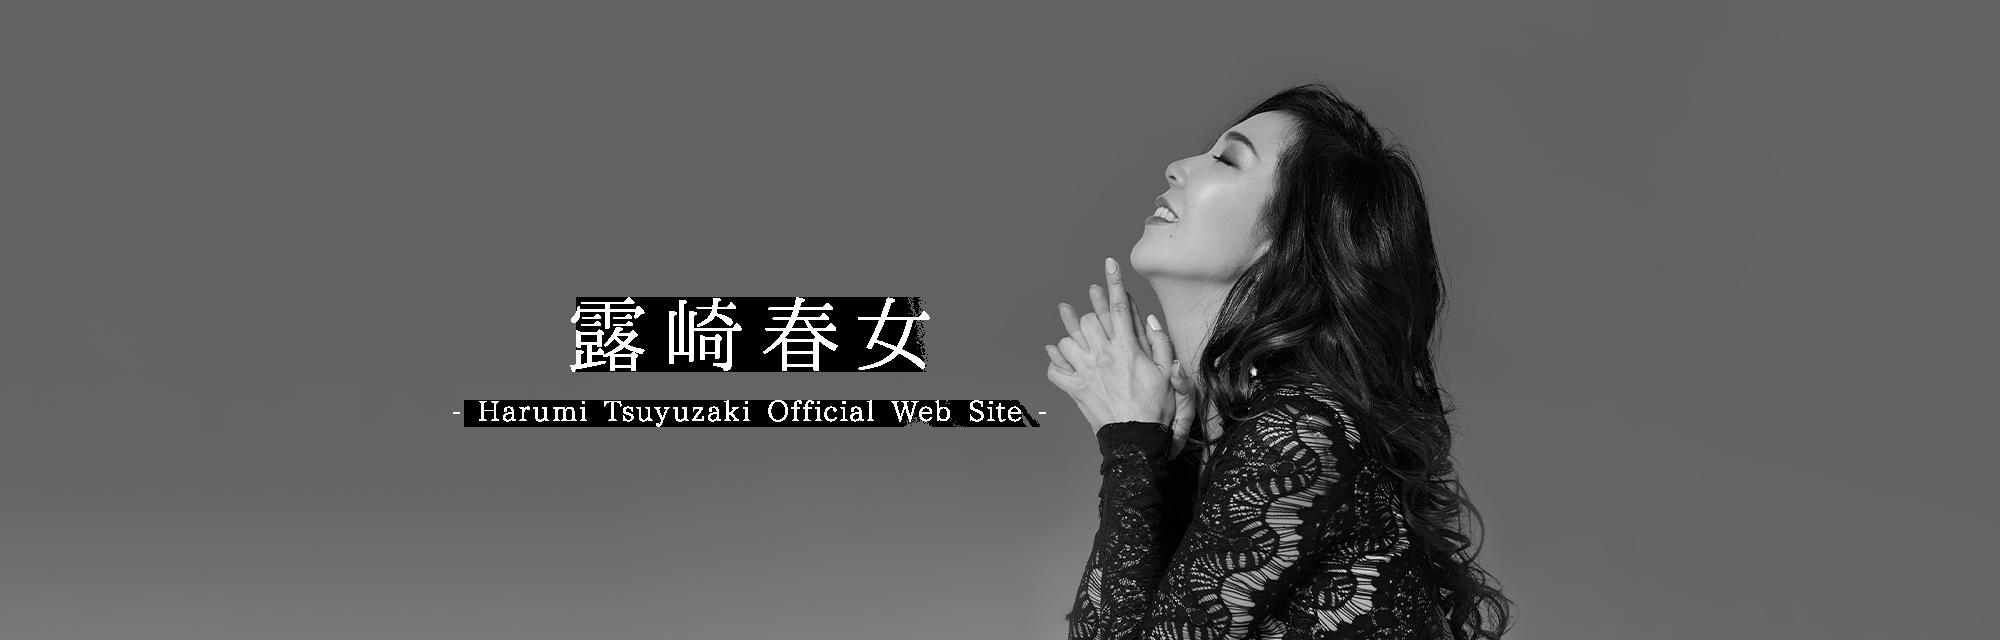 >露崎春女